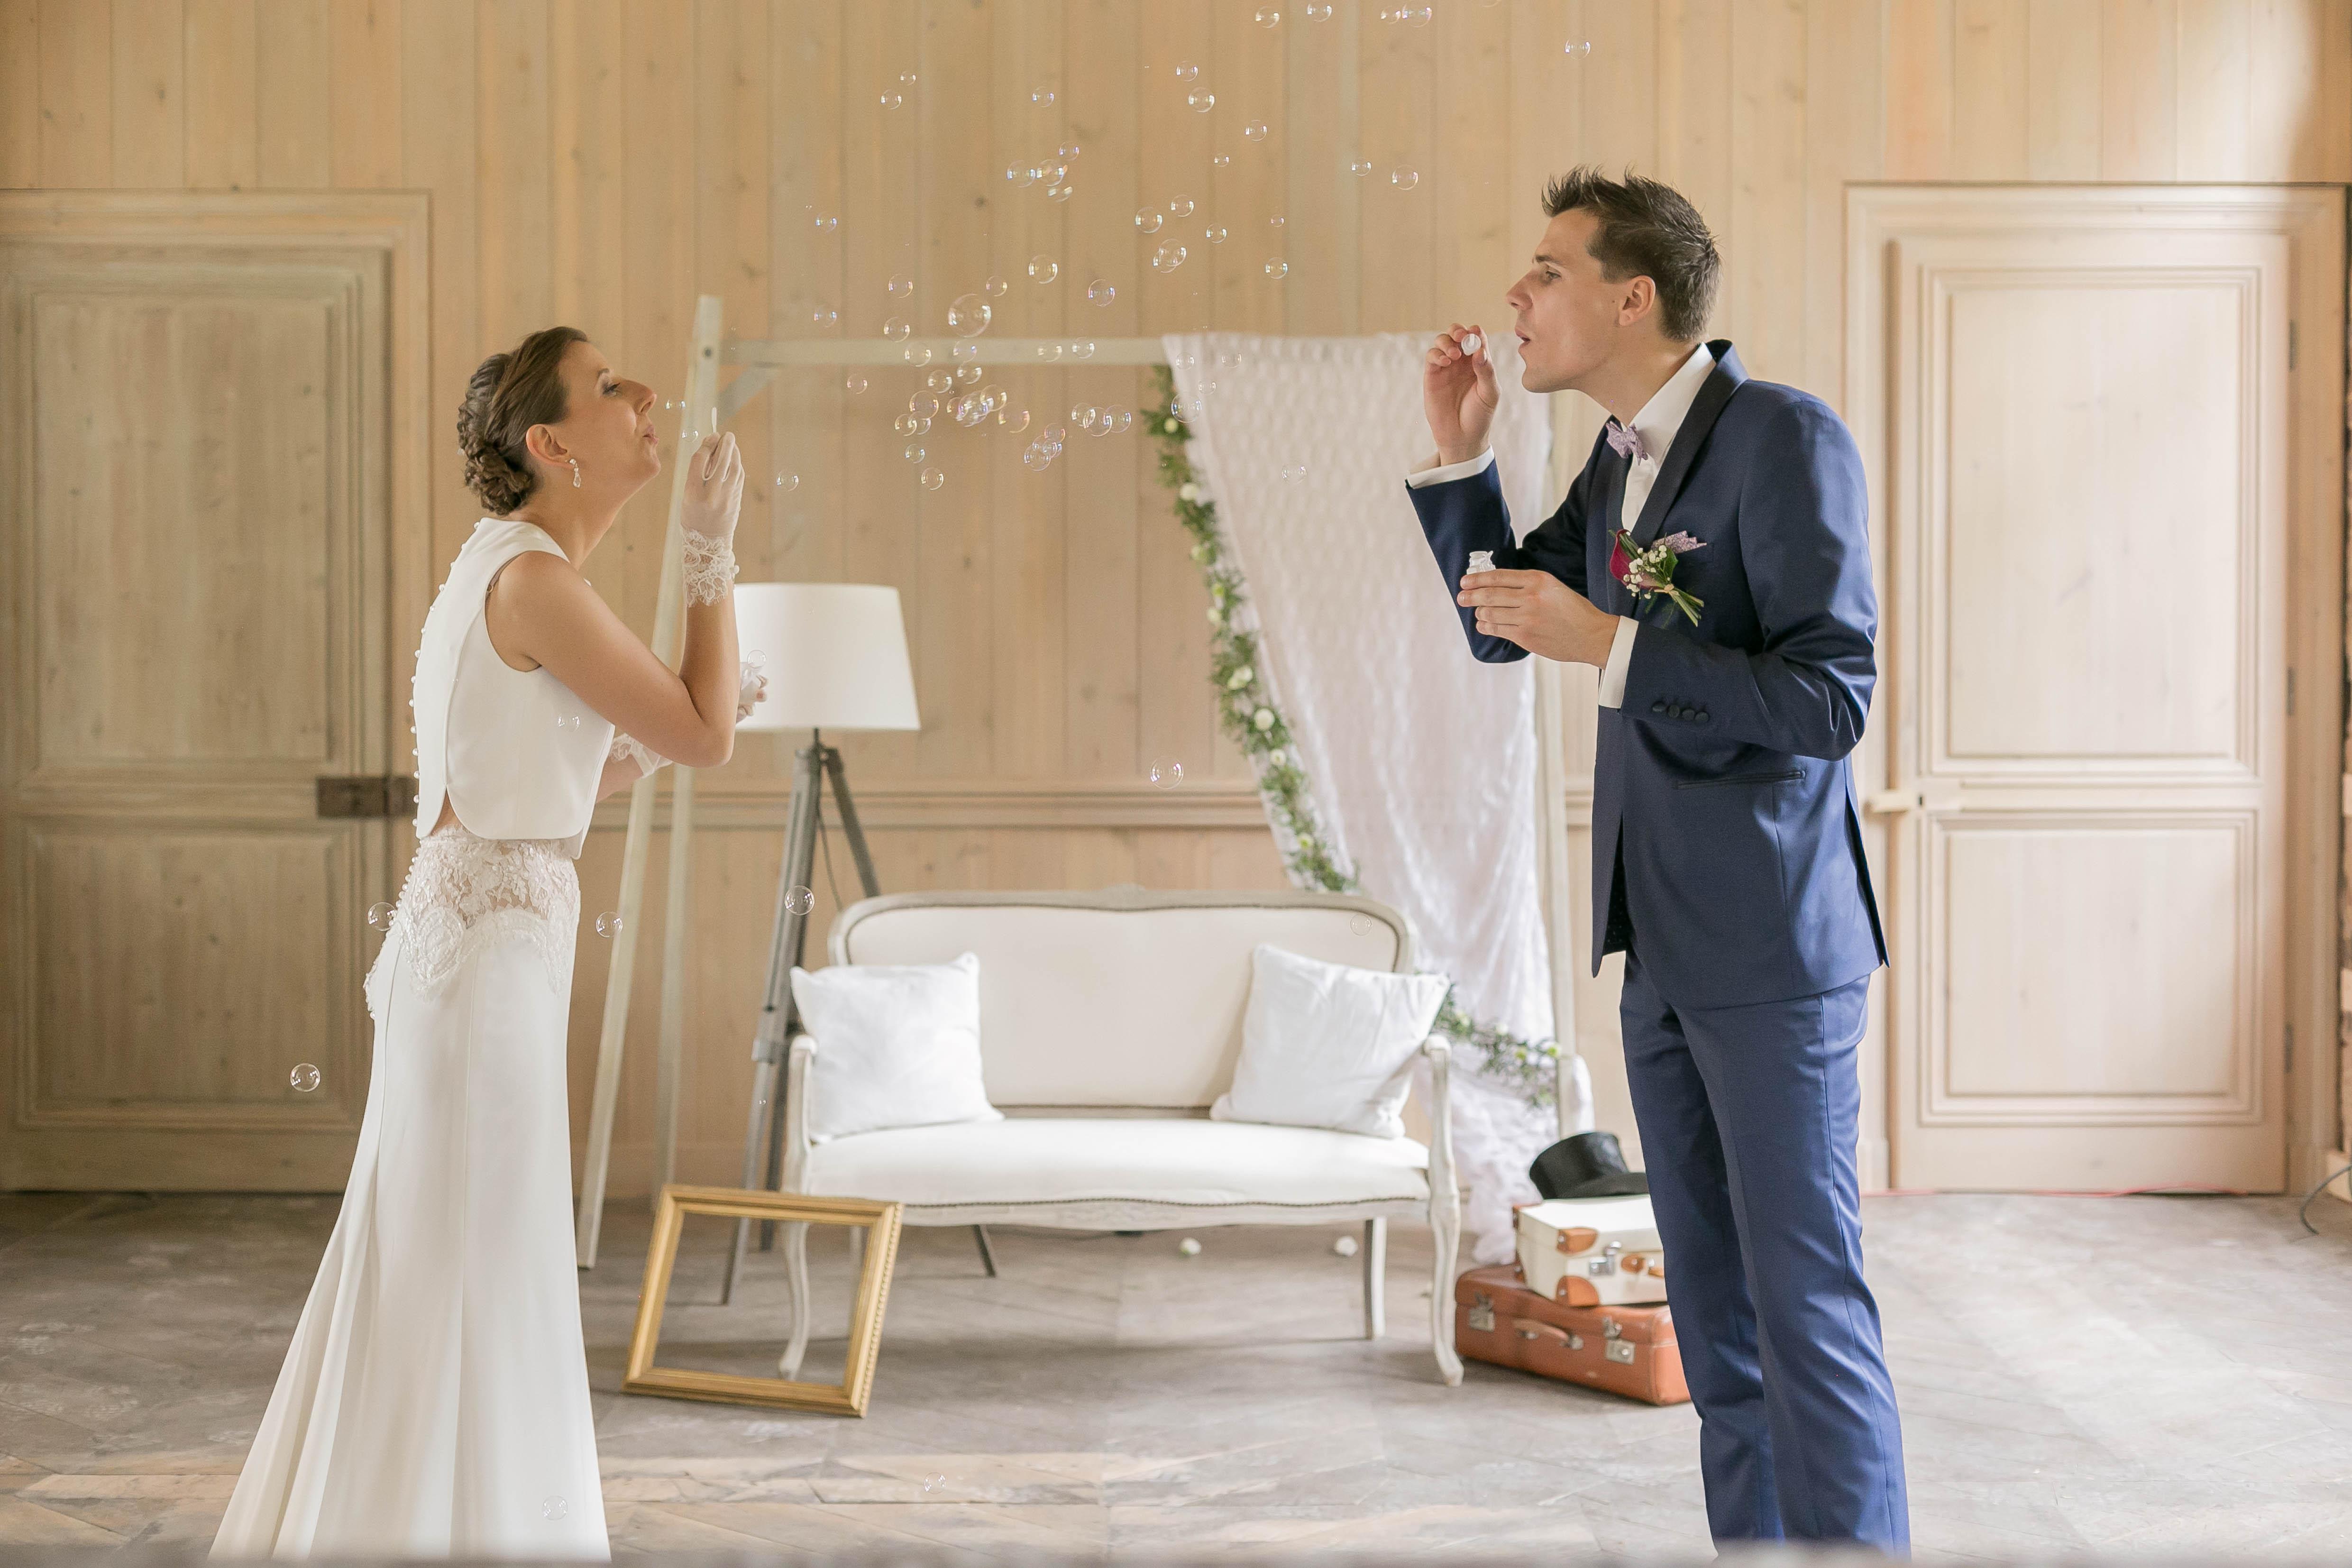 Mariage au chateau de rebreuve ranchicourt-nord pas de calais-Nord-décoratrice mariage-reveries et bois